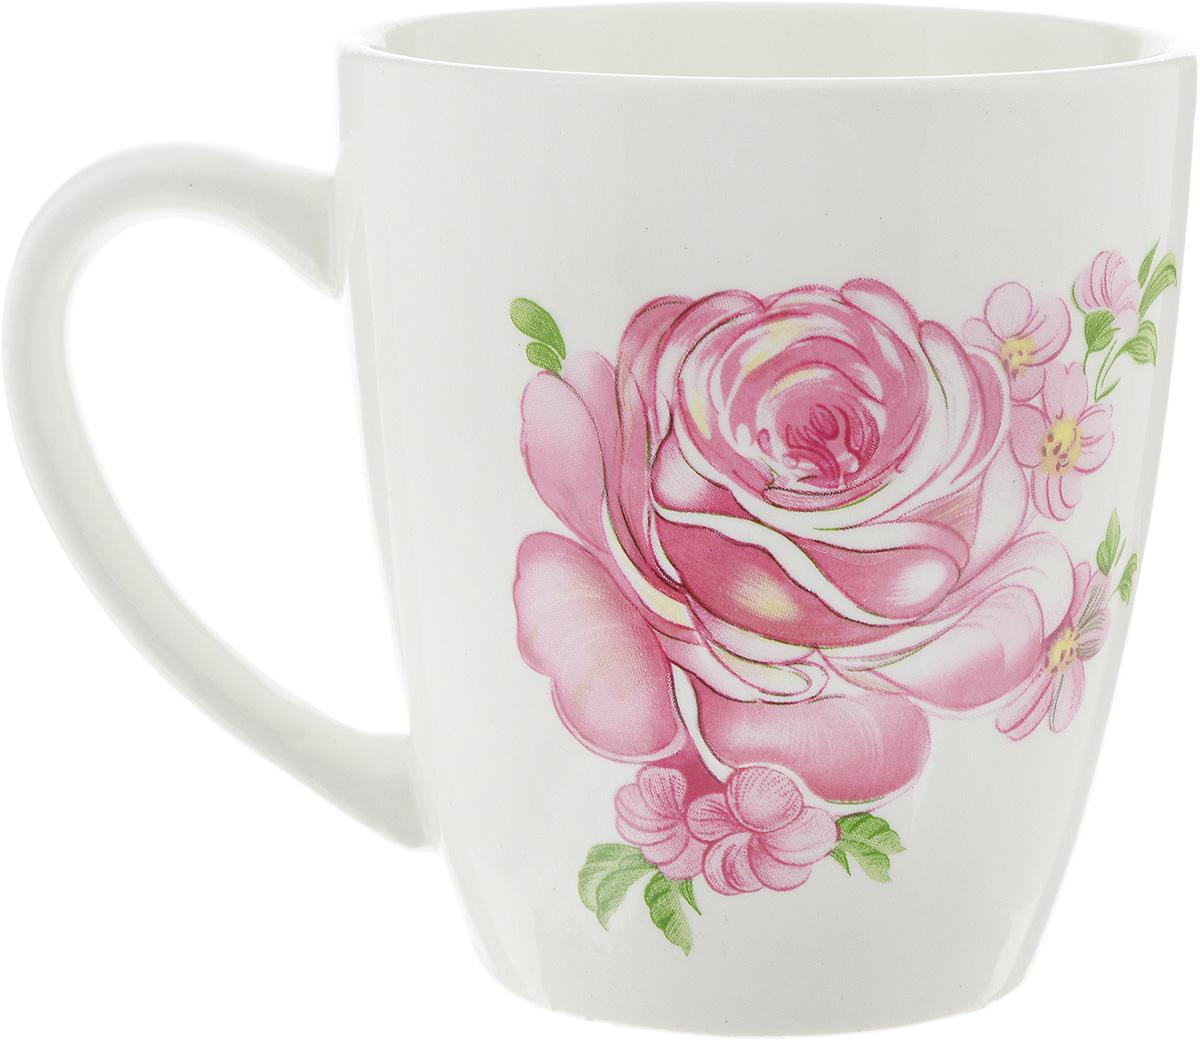 Кружка Кубаньфарфор Розовые розы, 220 мл0178_Розовые розыКружка Кубаньфарфор Розовые розы выполнена из высококачественного фаянса и оформлена изображением роз. Такая кружка станет отличным дополнением к сервировке семейного стола и замечательным подарком для ваших родных и друзей. Можно мыть в посудомоечной машине и использовать в микроволновой печи.